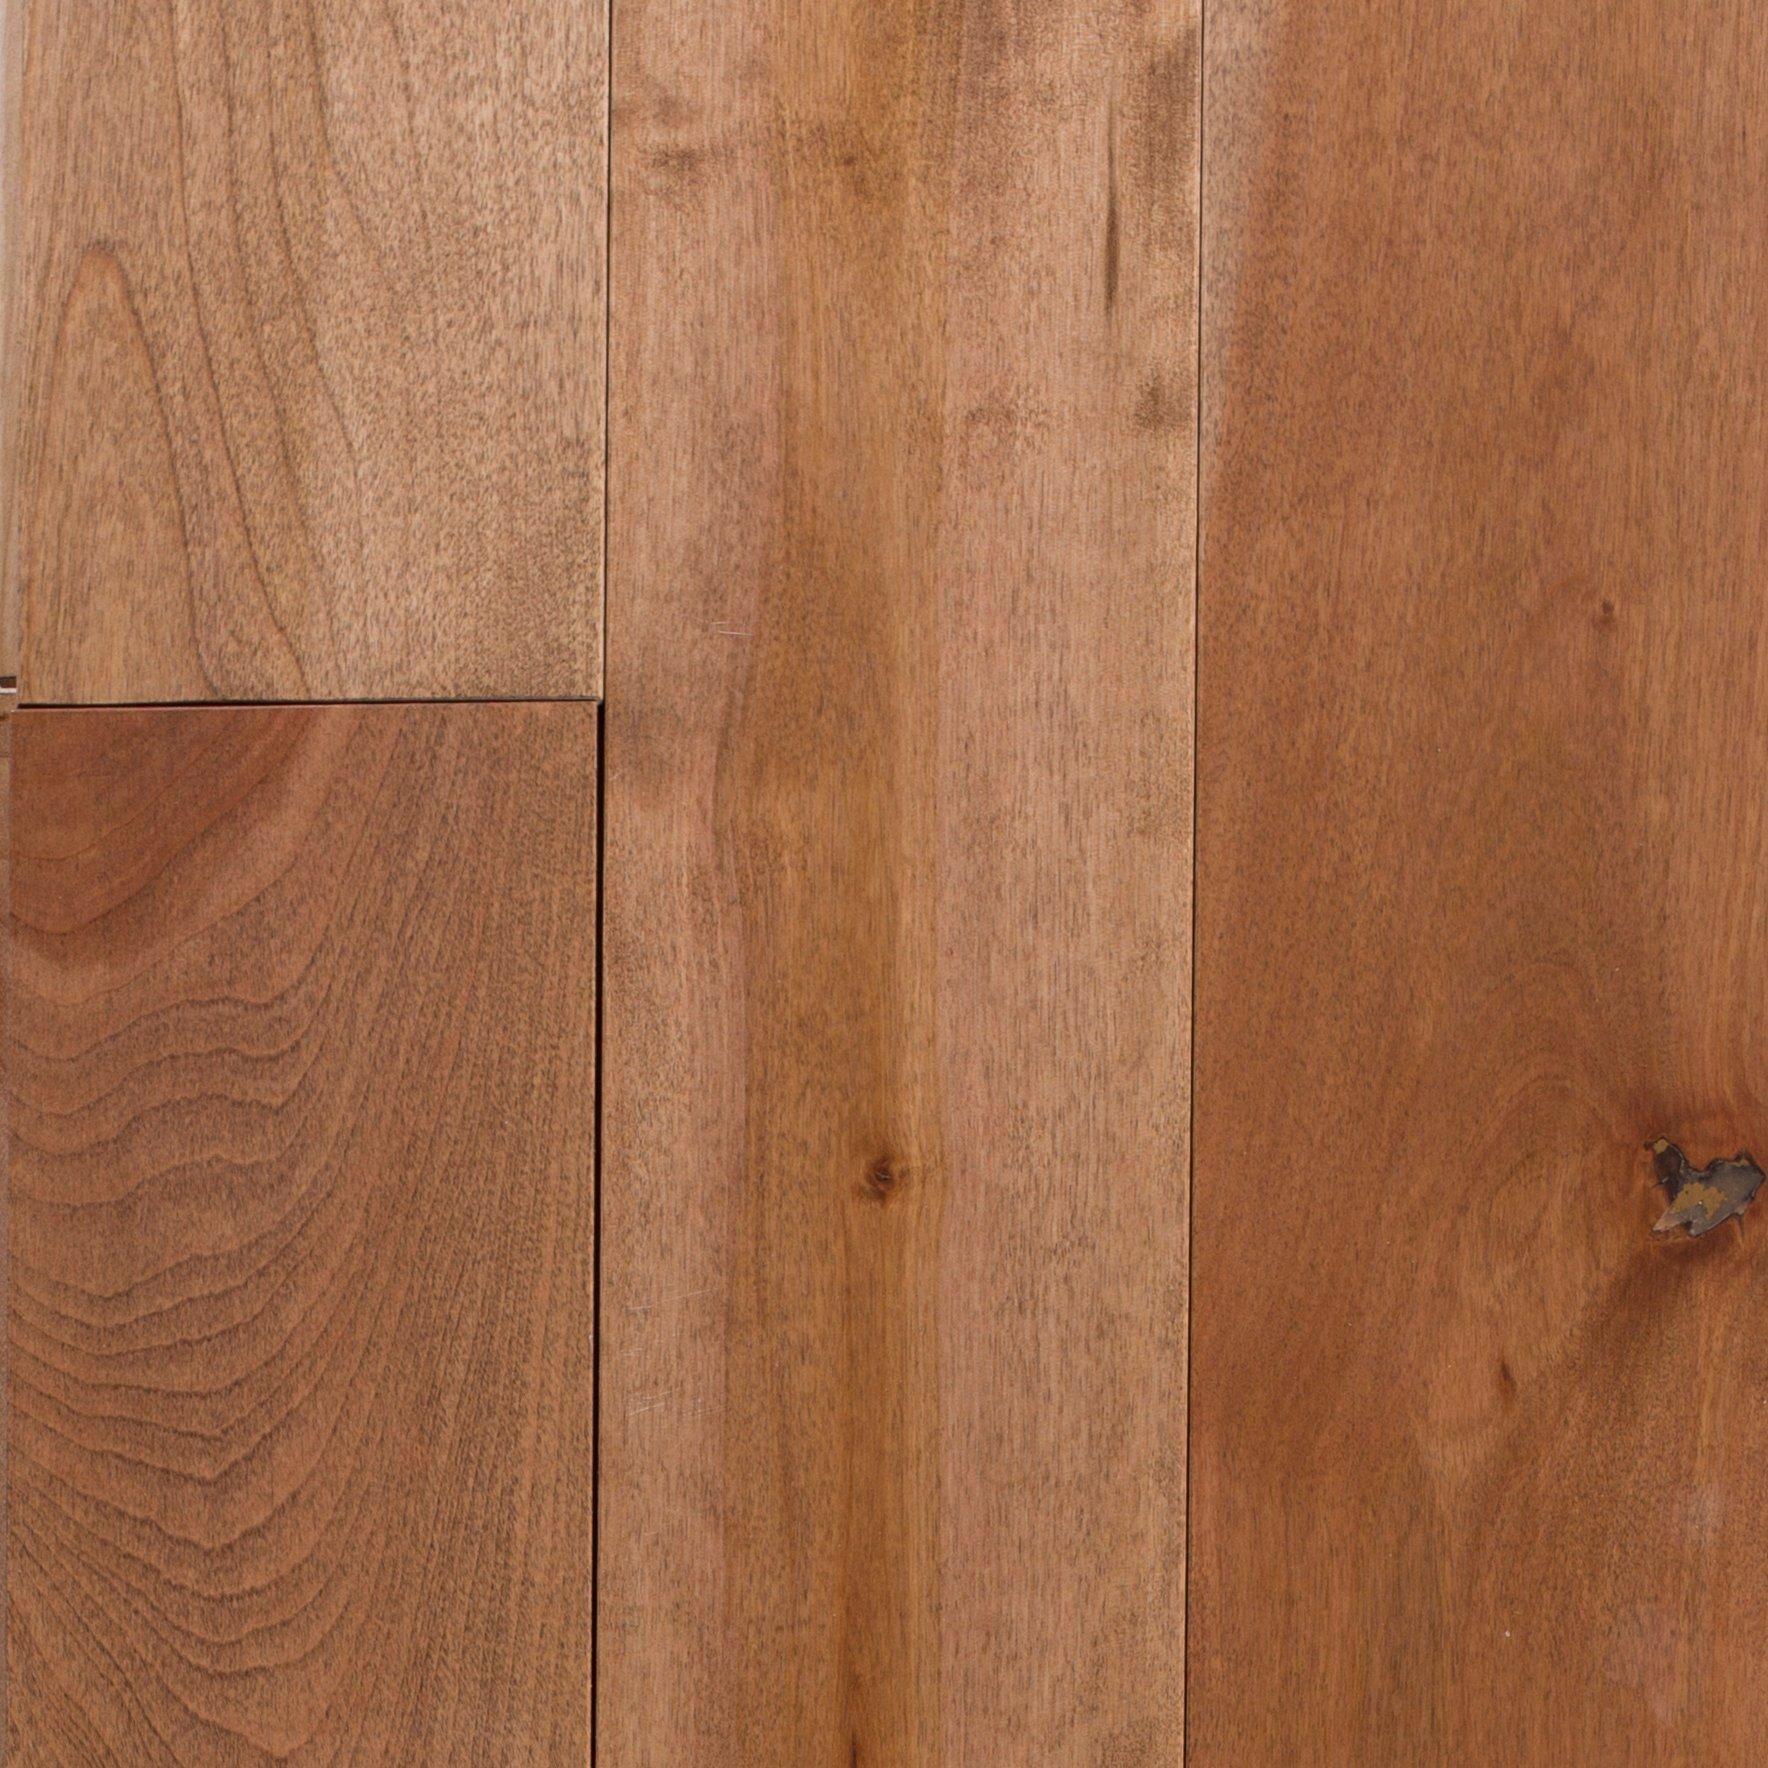 Pentos Birch Hand Scraped Solid Hardwood in 2018 | Floor ...